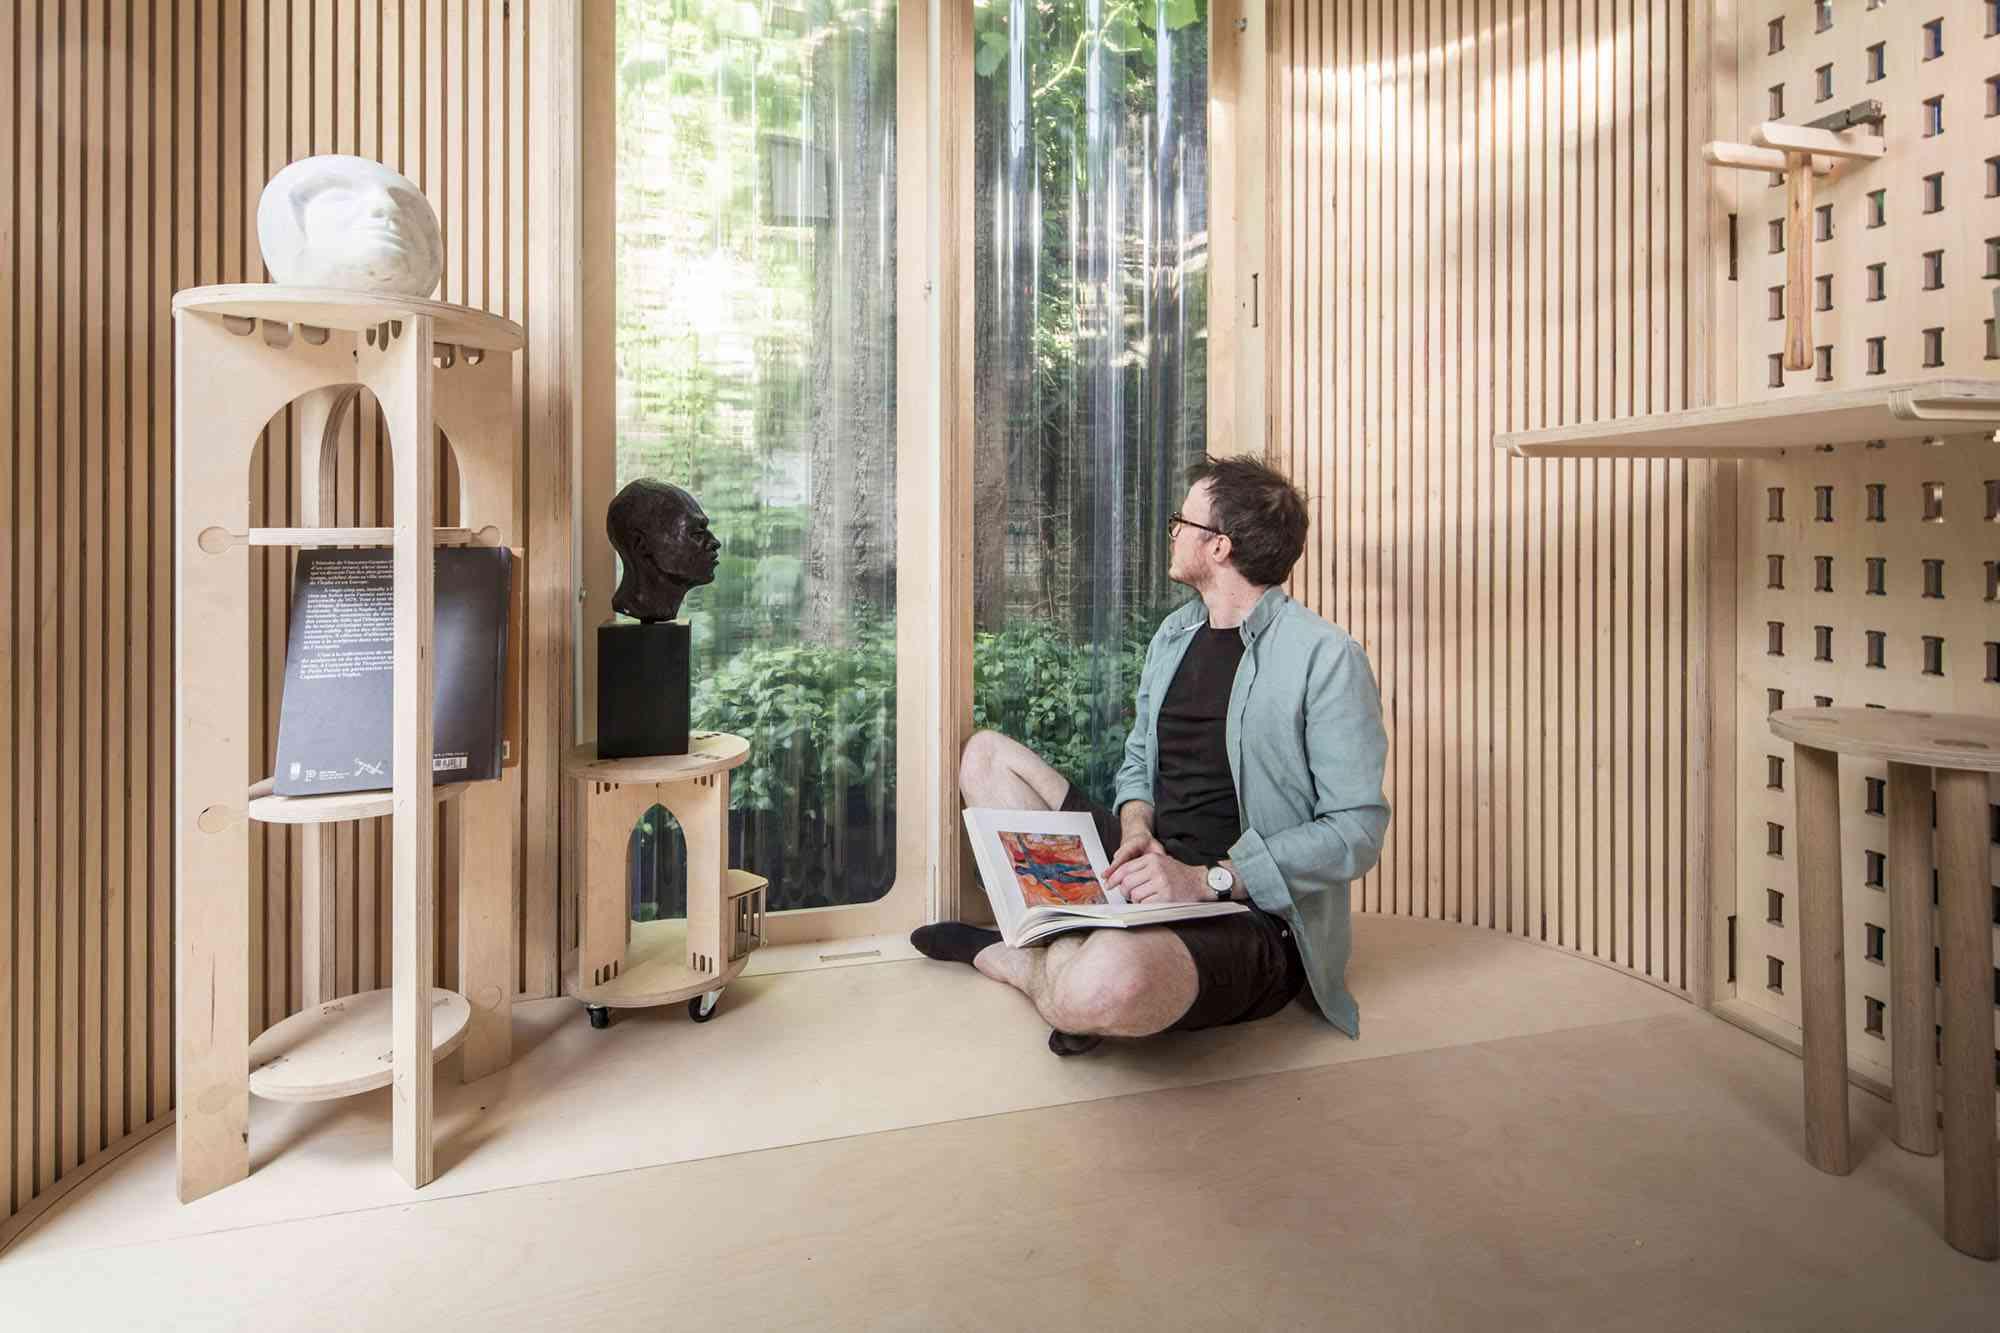 My Room In The Garden prefab home office module Boano Prišmontas interior